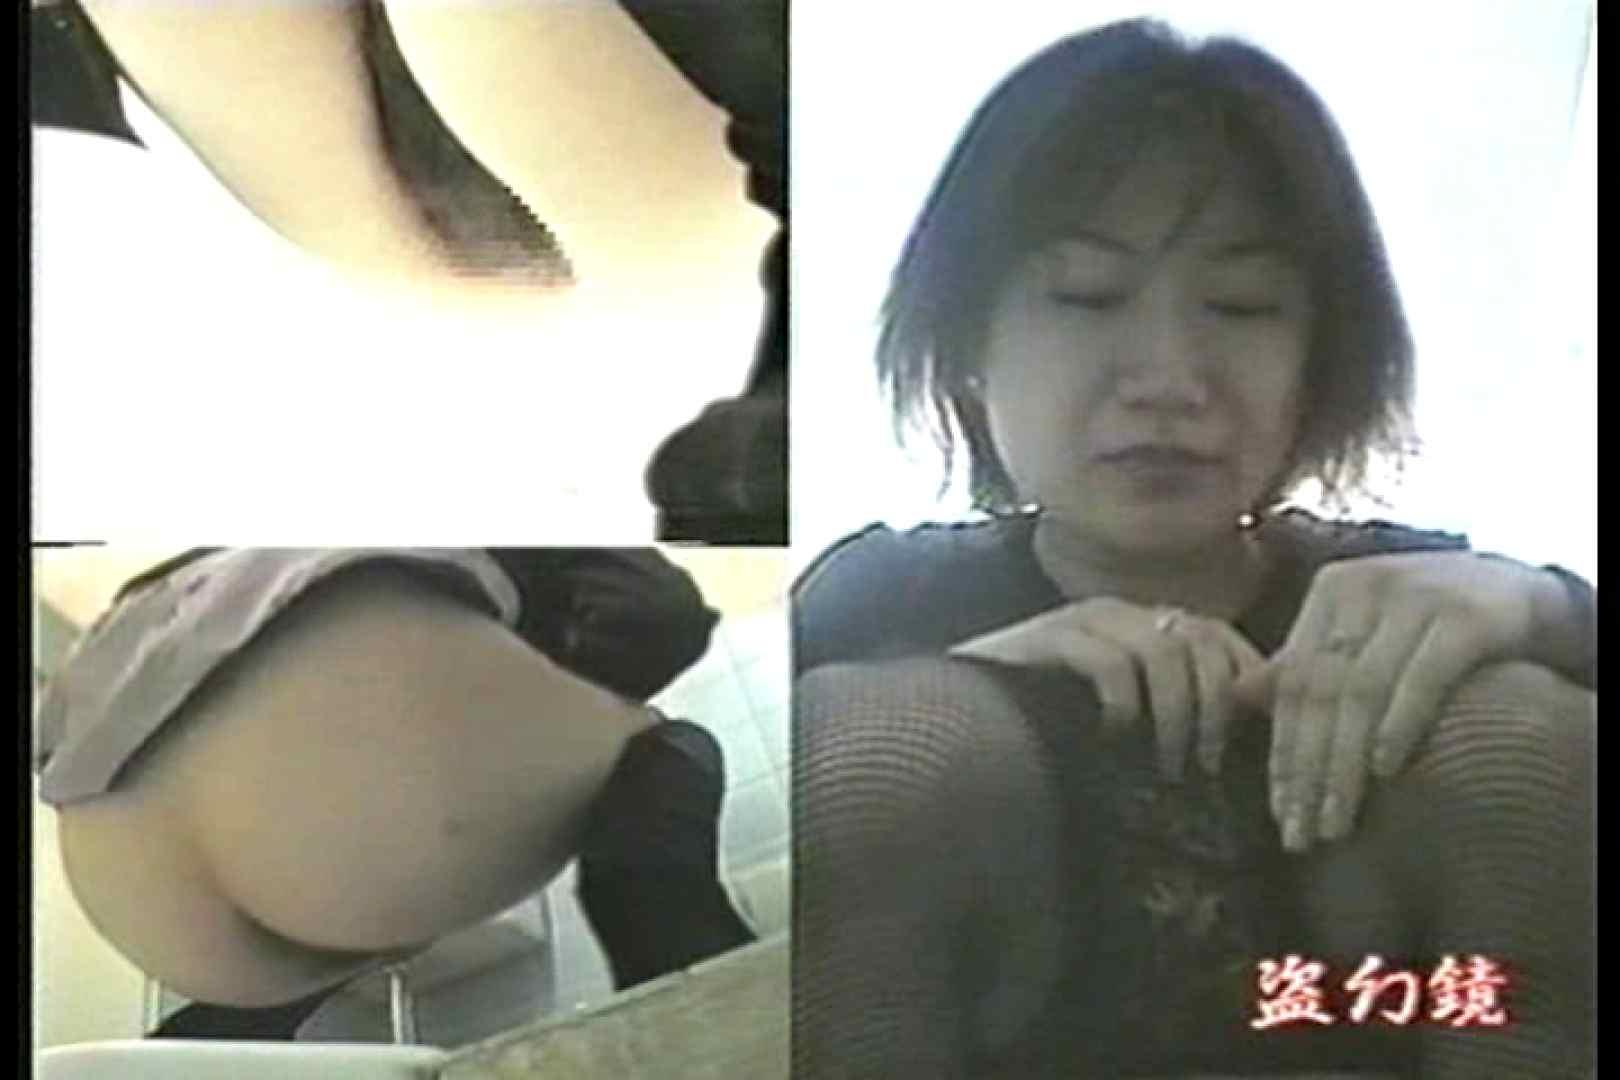 洗面所羞恥美女んMV-2 洗面所はめどり アダルト動画キャプチャ 62画像 32